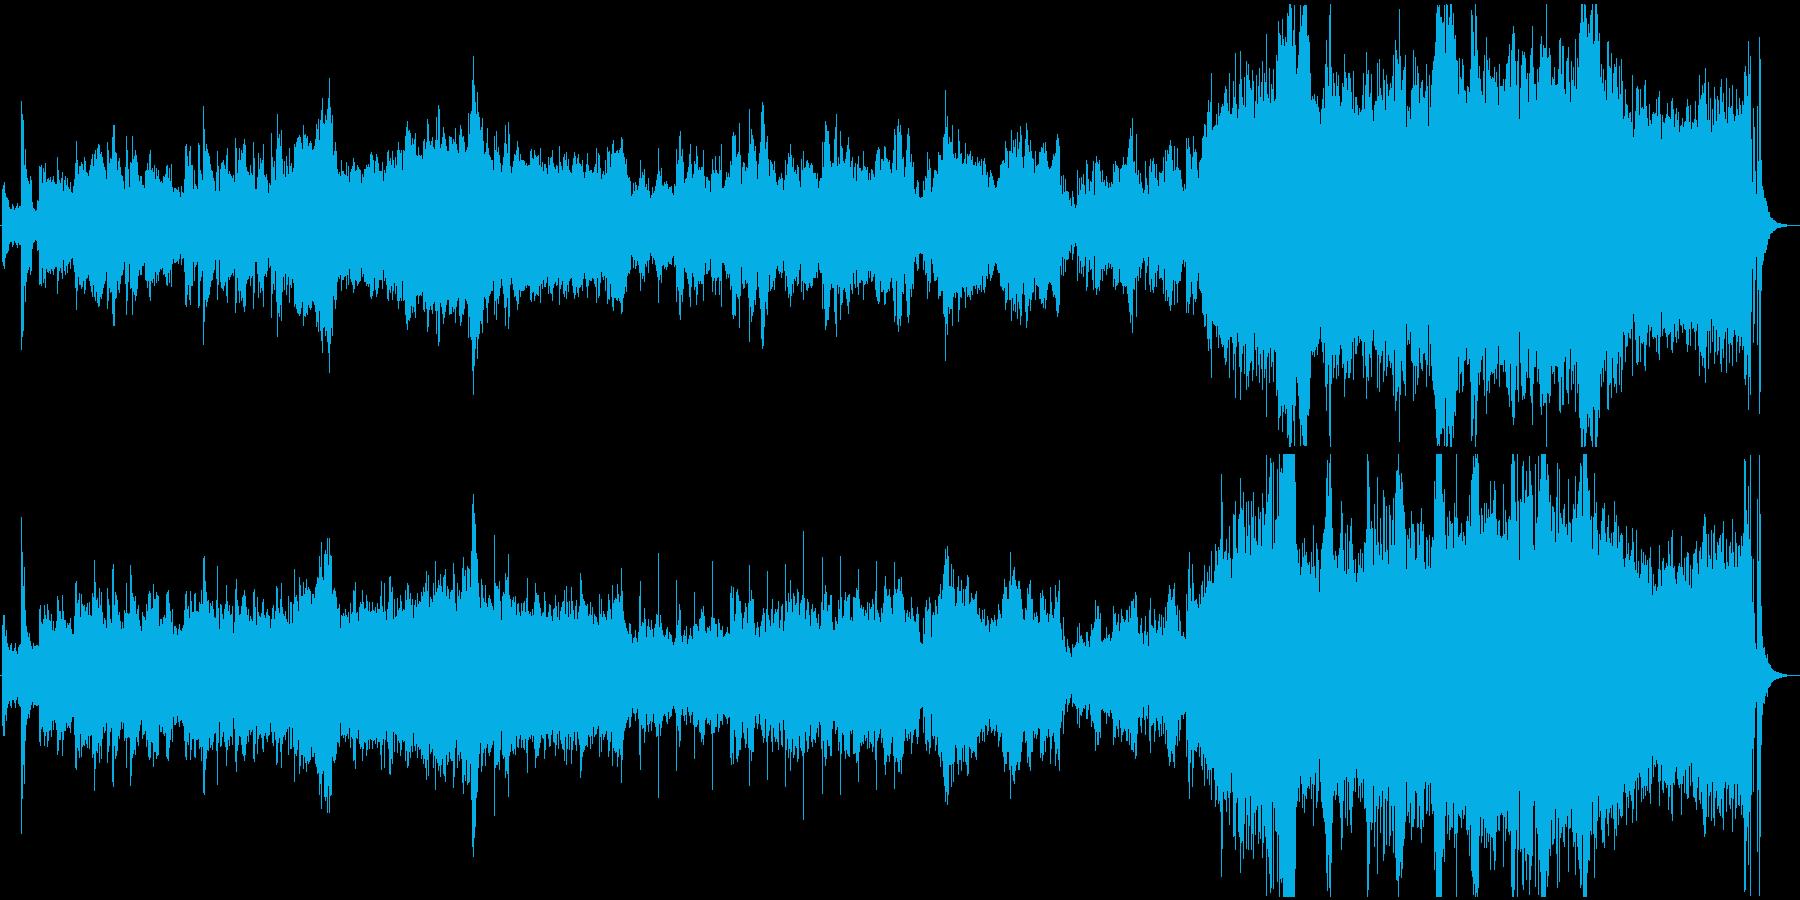 古代地球を滑空するイメージのオーケストラの再生済みの波形